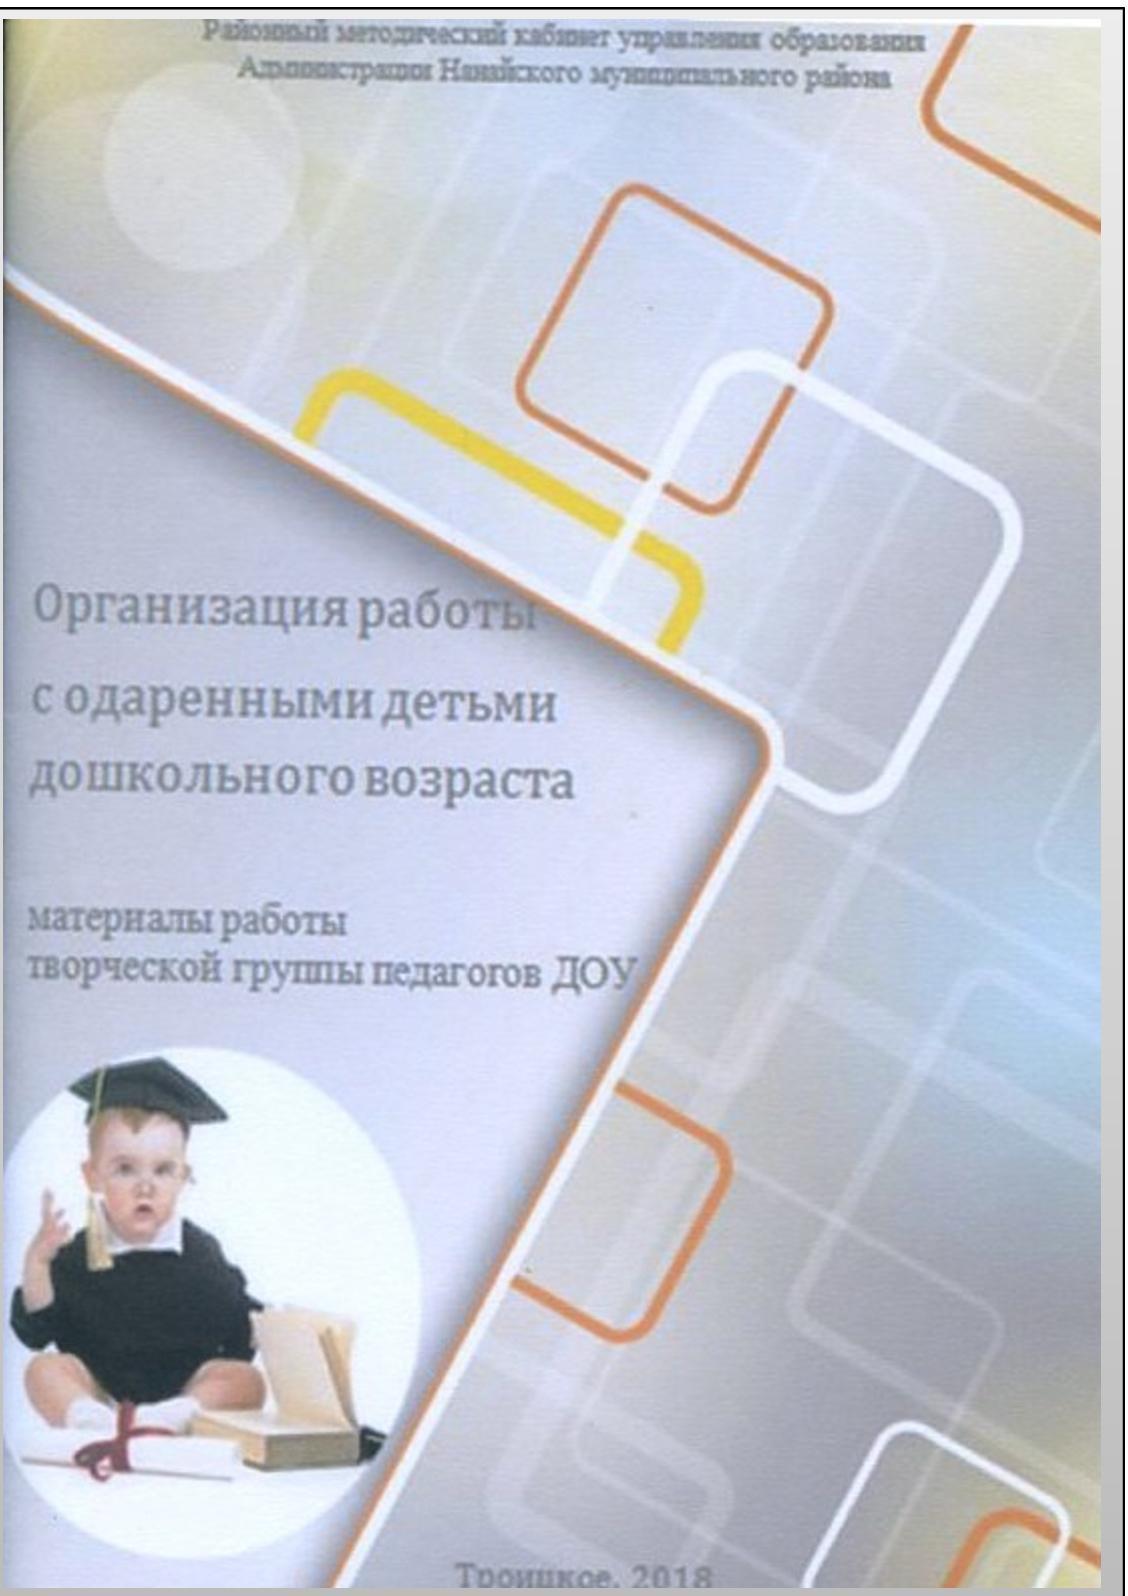 Девушка модель работы с одаренными детьми в общеобразовательной школе экономико математические модели и методы курсовая работа